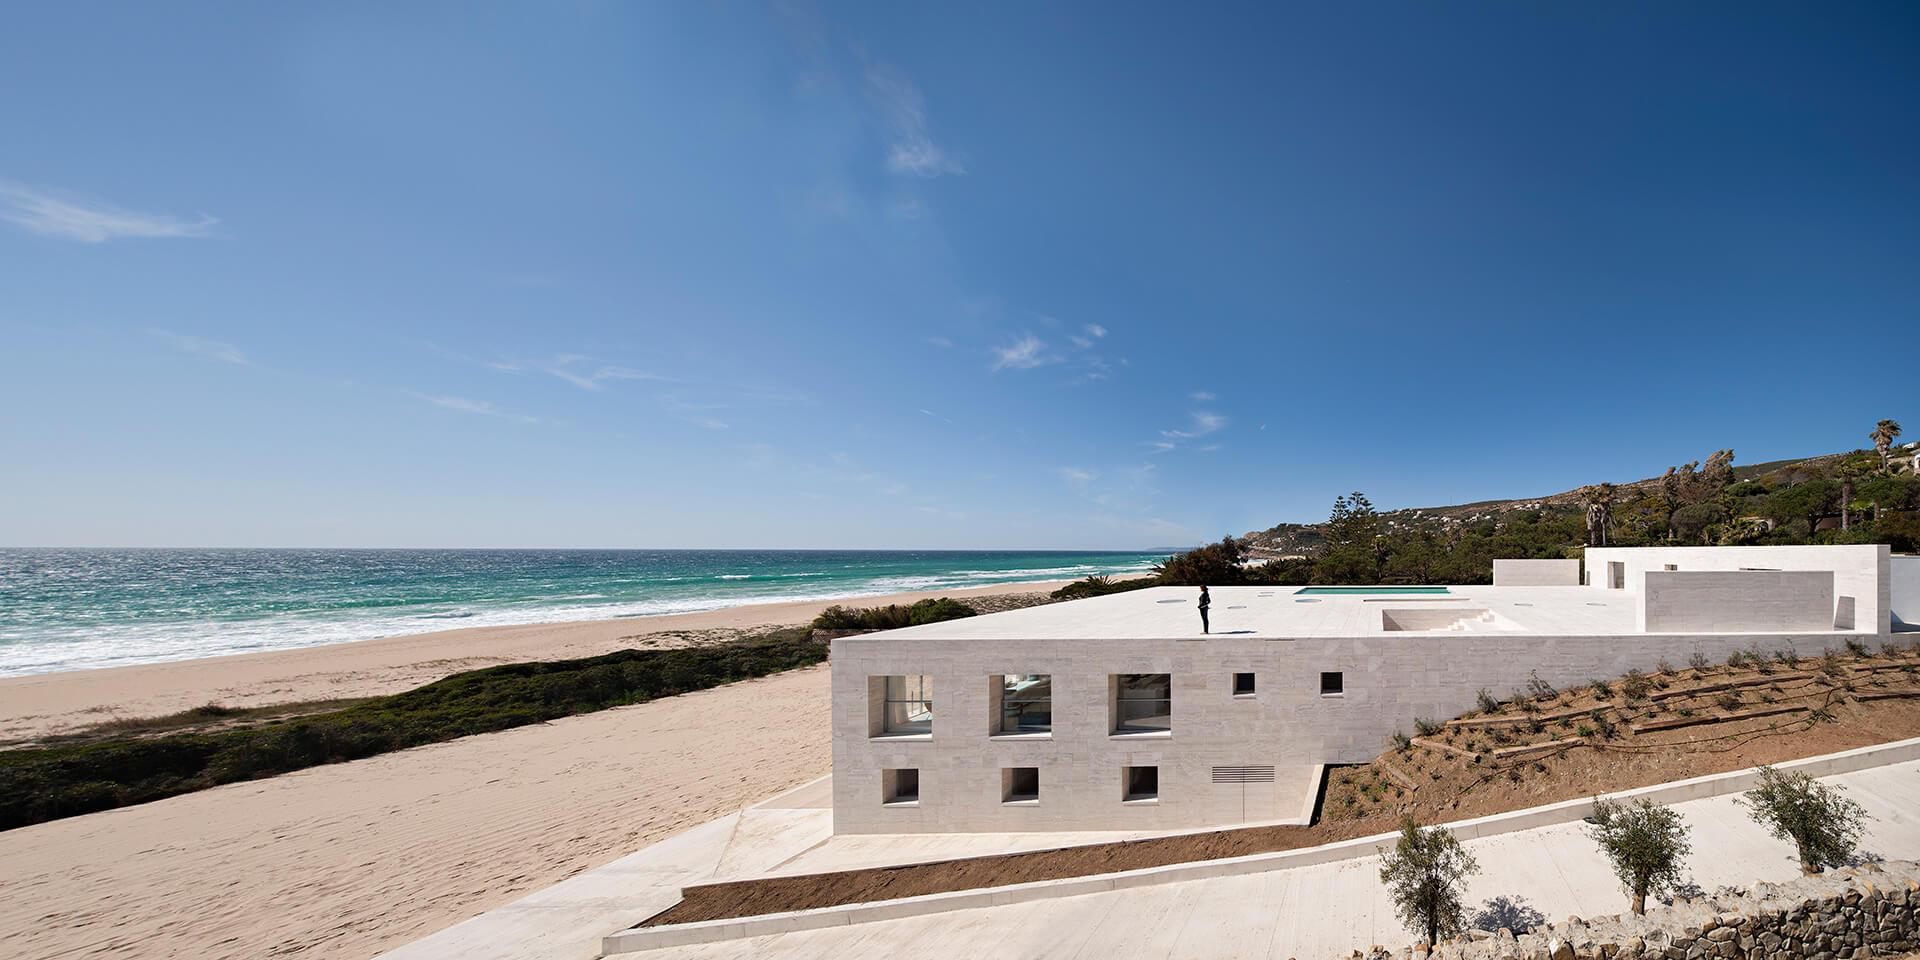 Casas sorprendentes de España